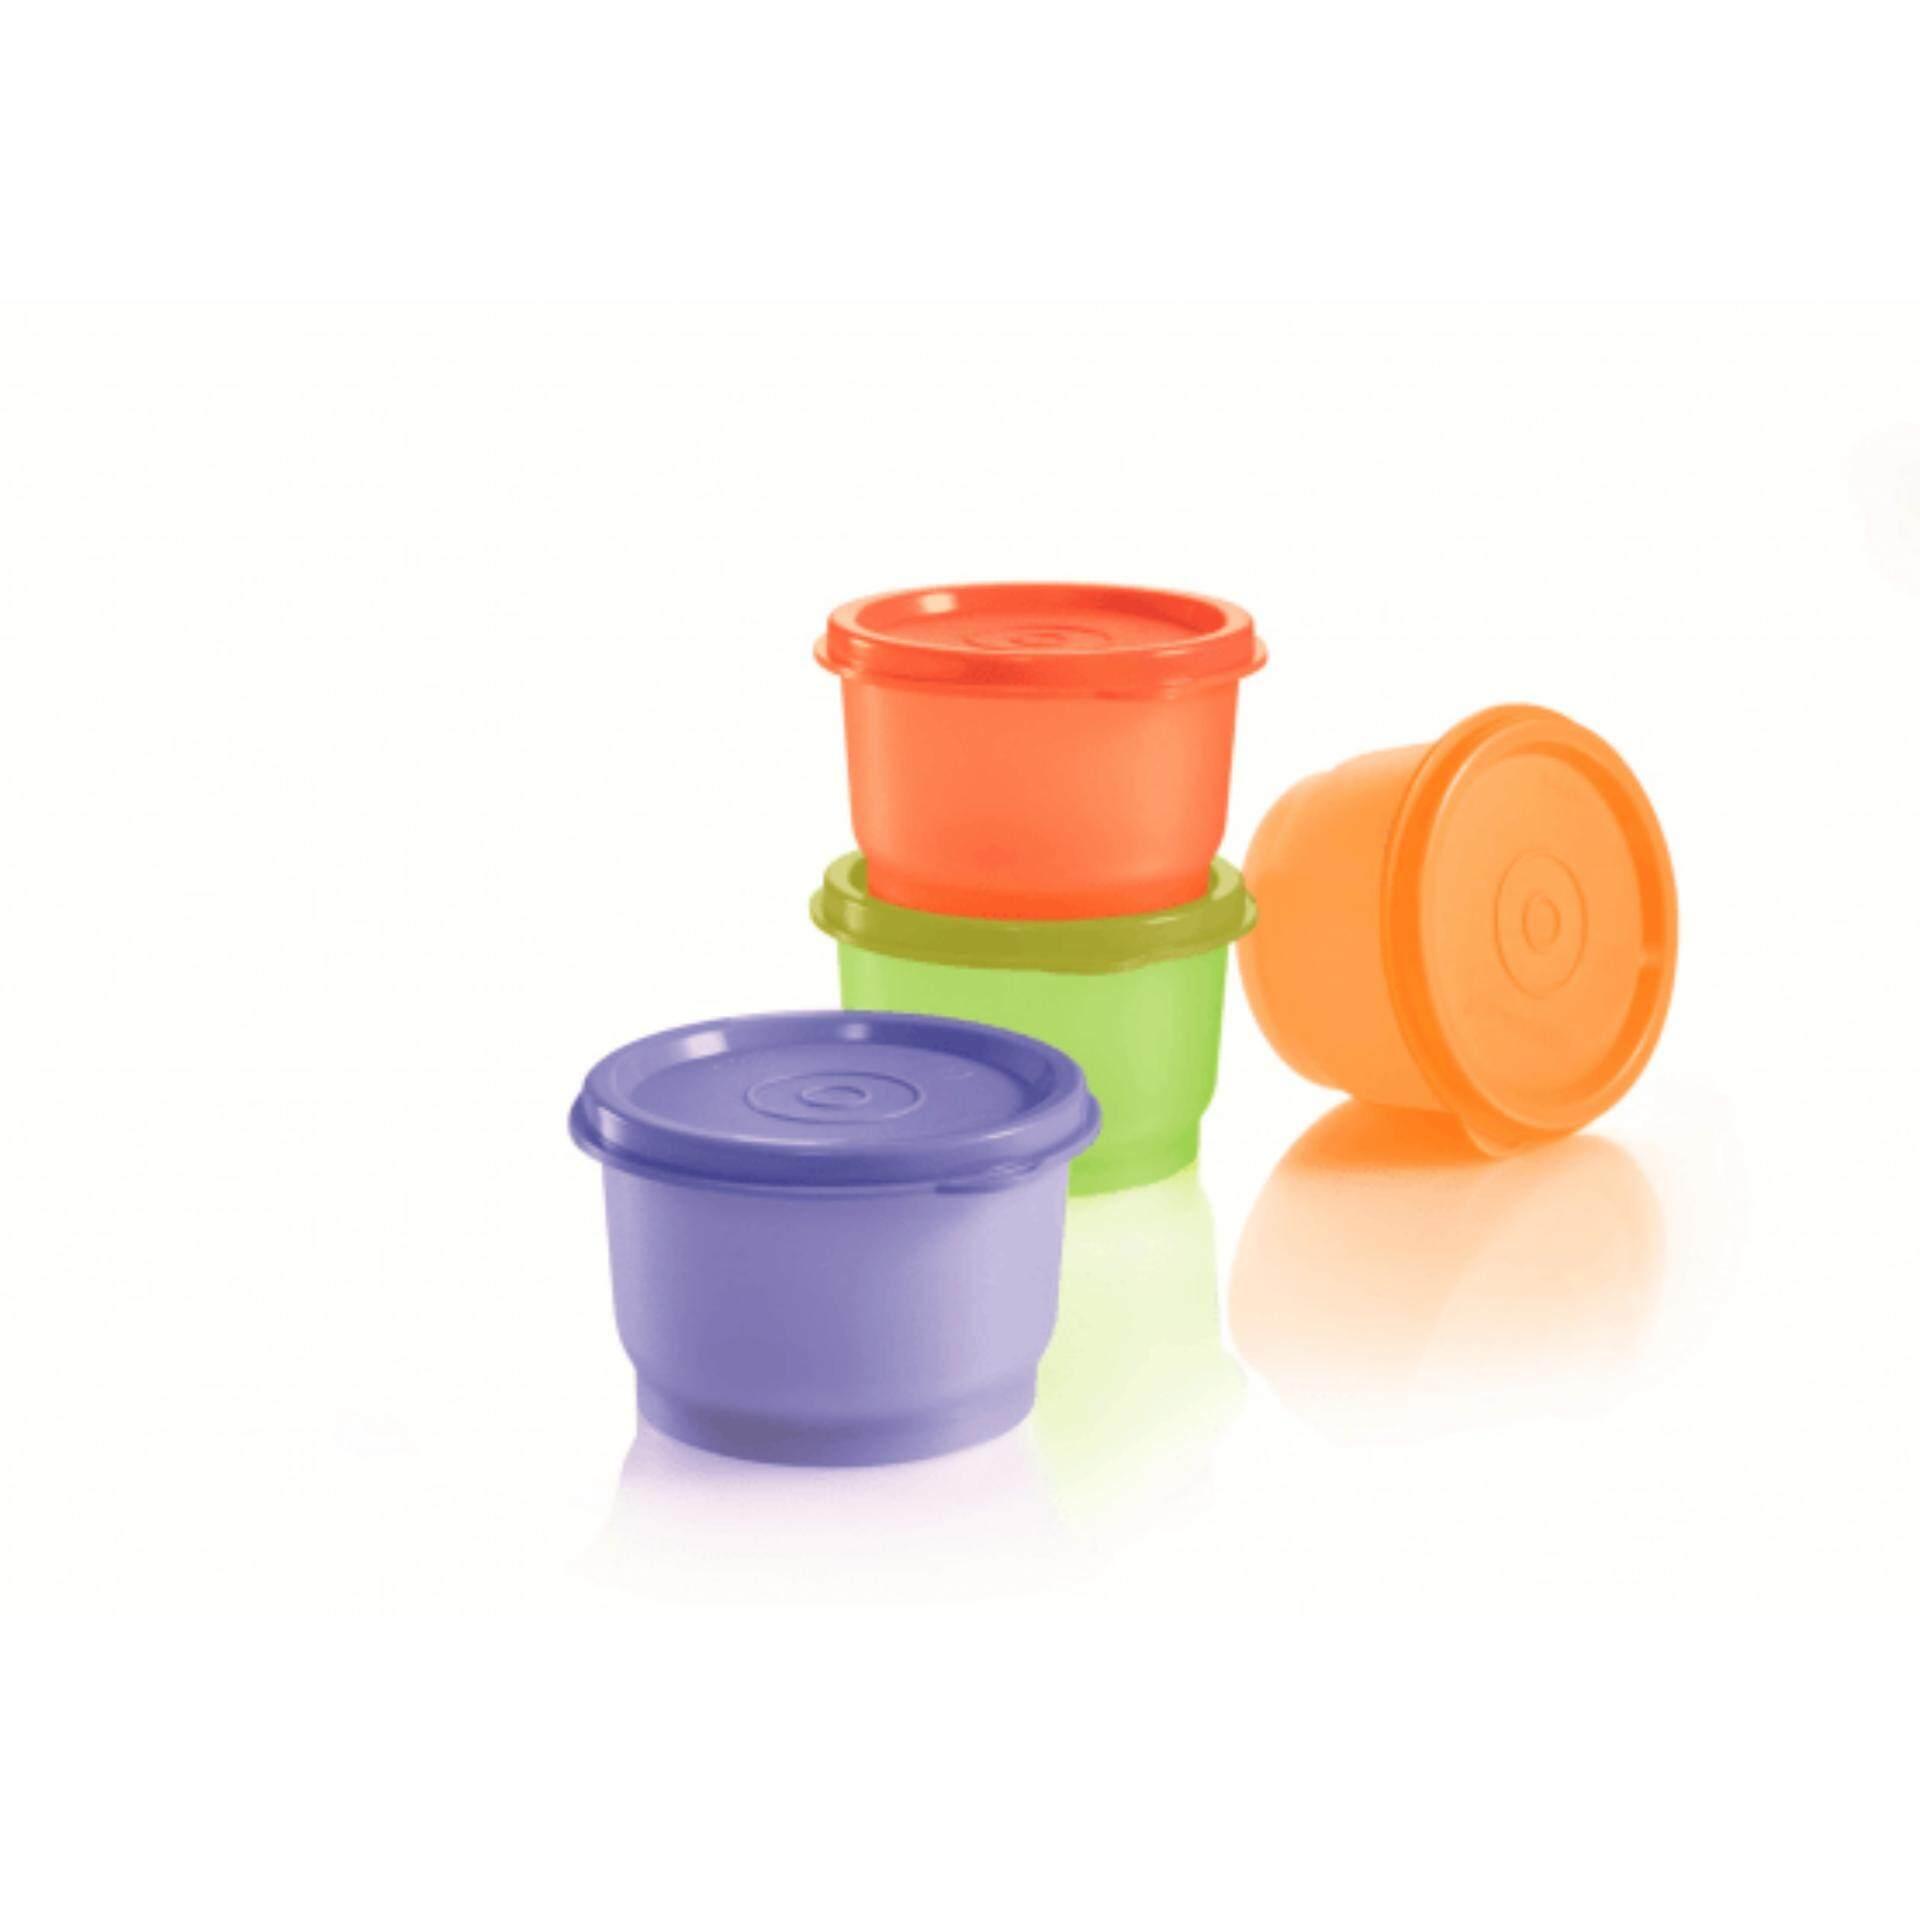 Tupperware Snack Cup (2) 110ml-Random Color Send